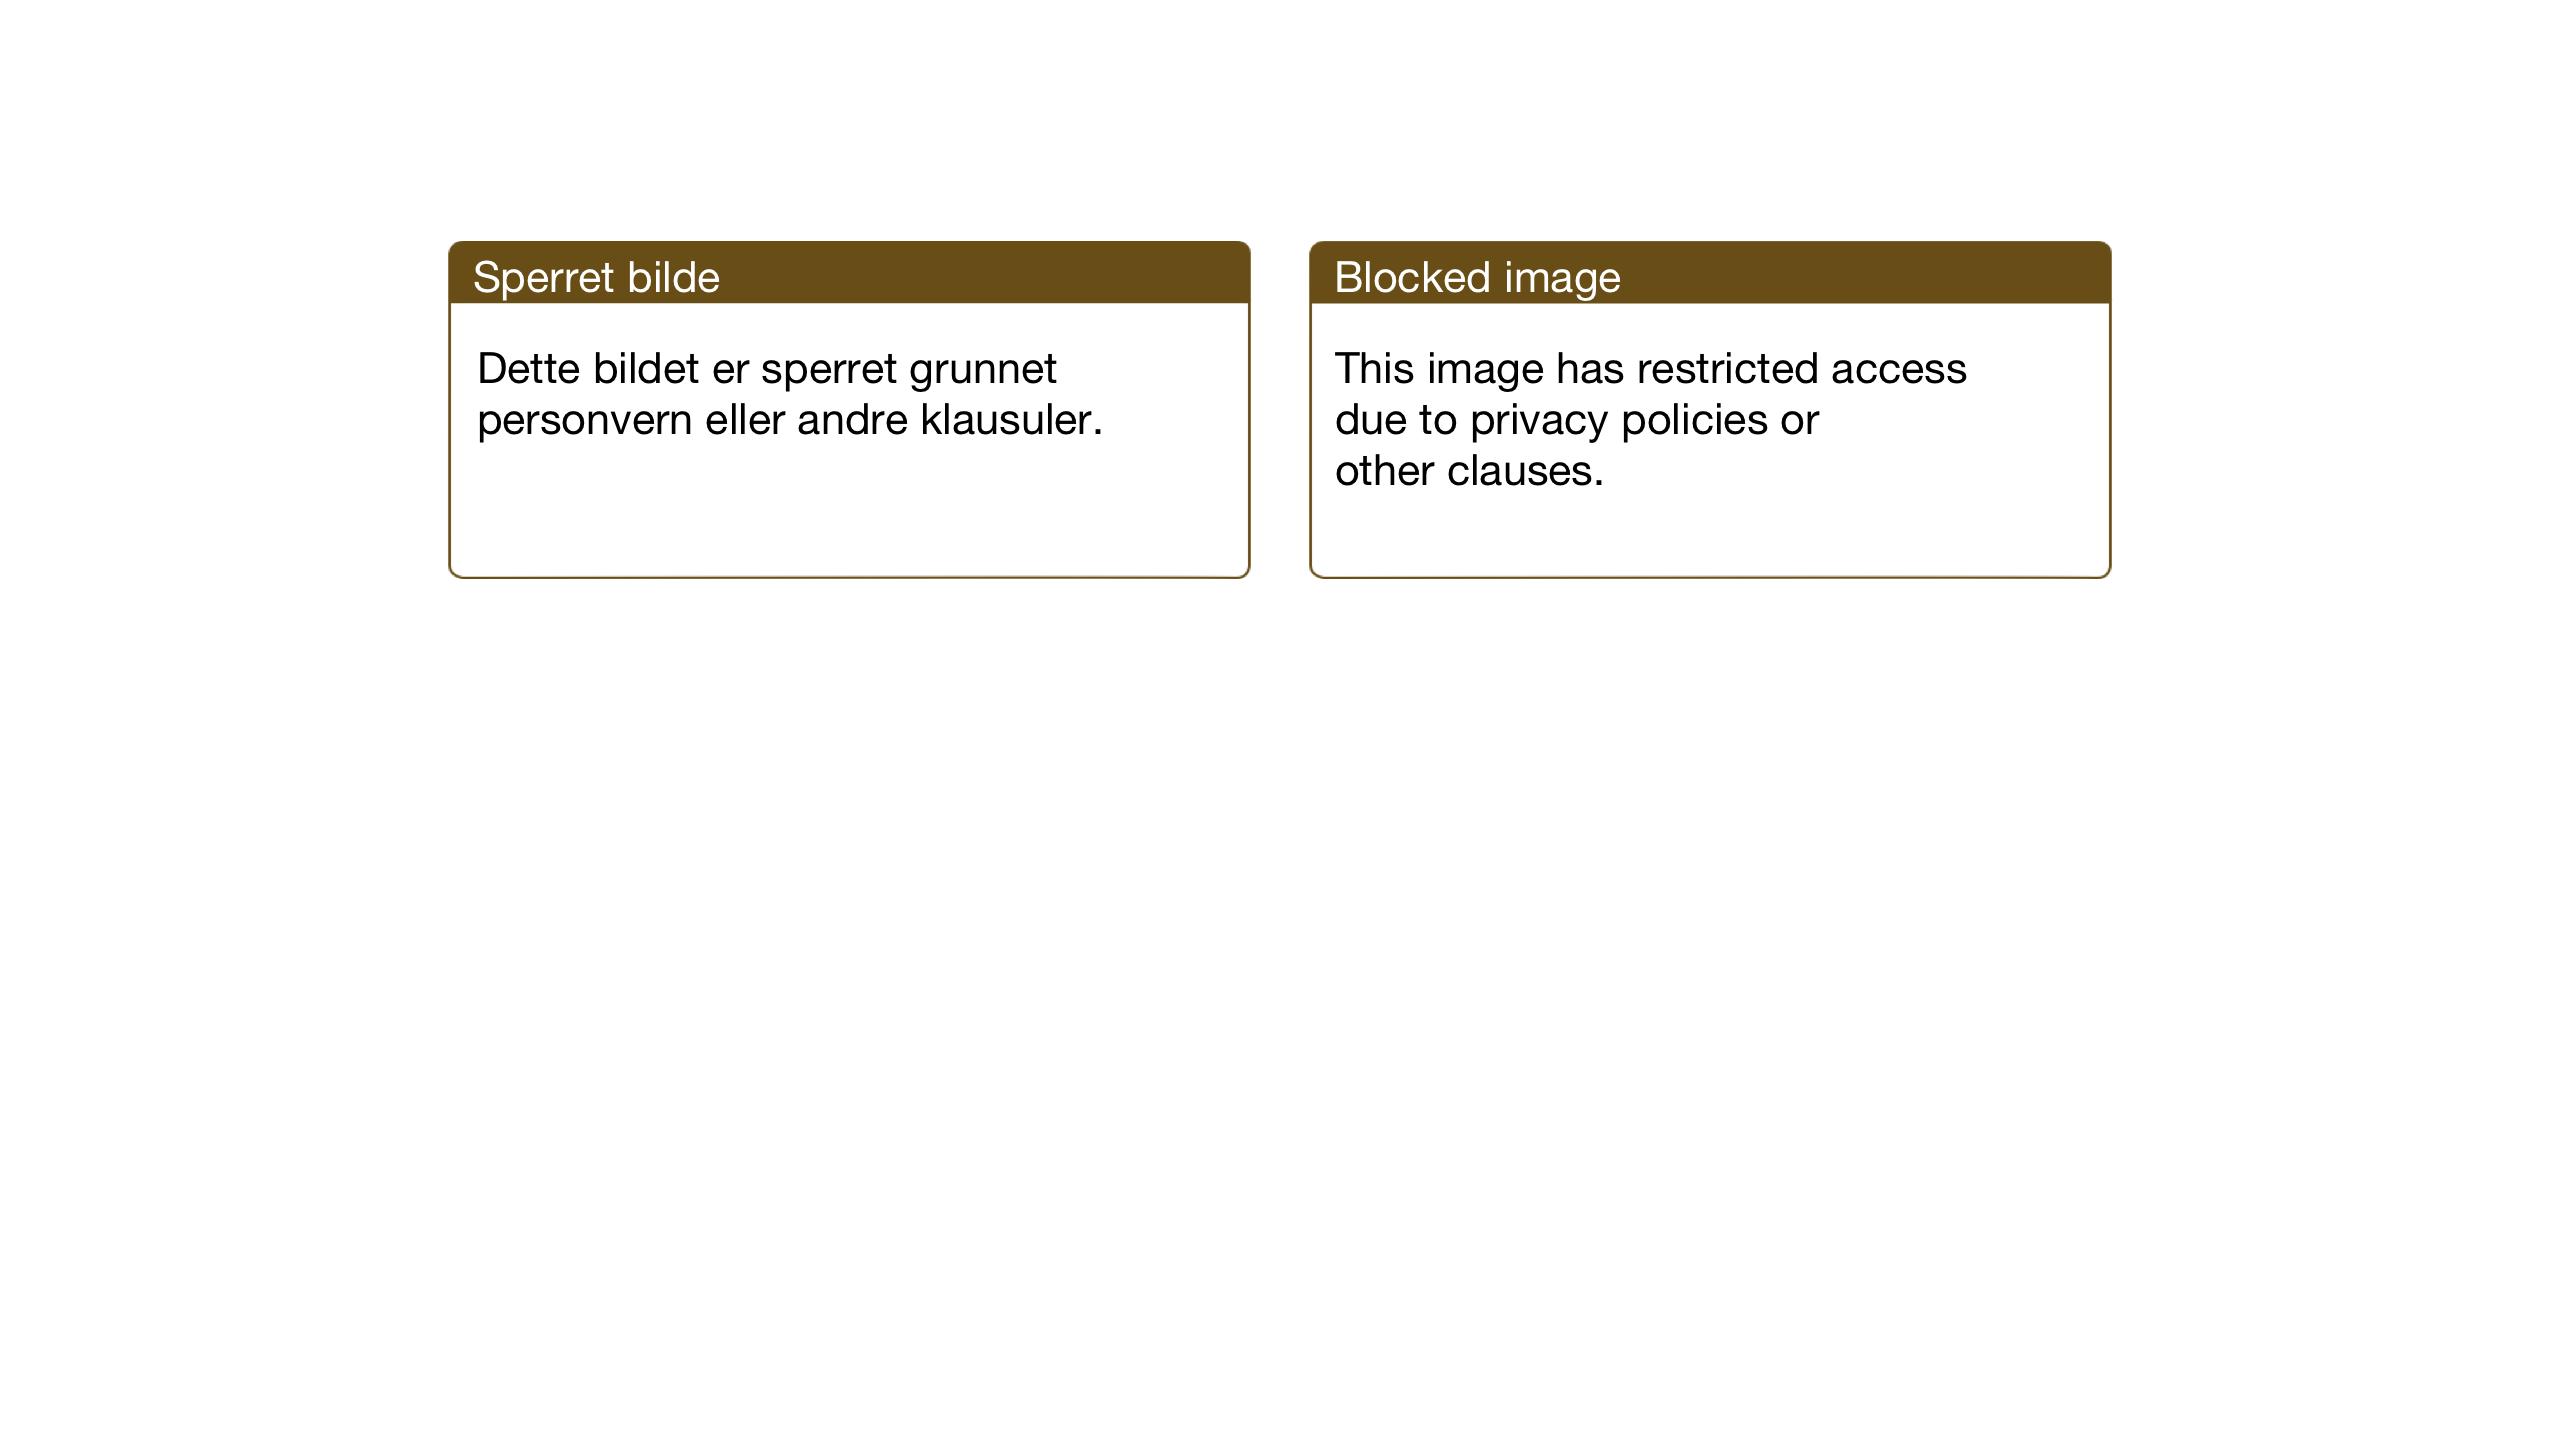 SAT, Ministerialprotokoller, klokkerbøker og fødselsregistre - Sør-Trøndelag, 617/L0433: Klokkerbok nr. 617C04, 1942-1947, s. 9